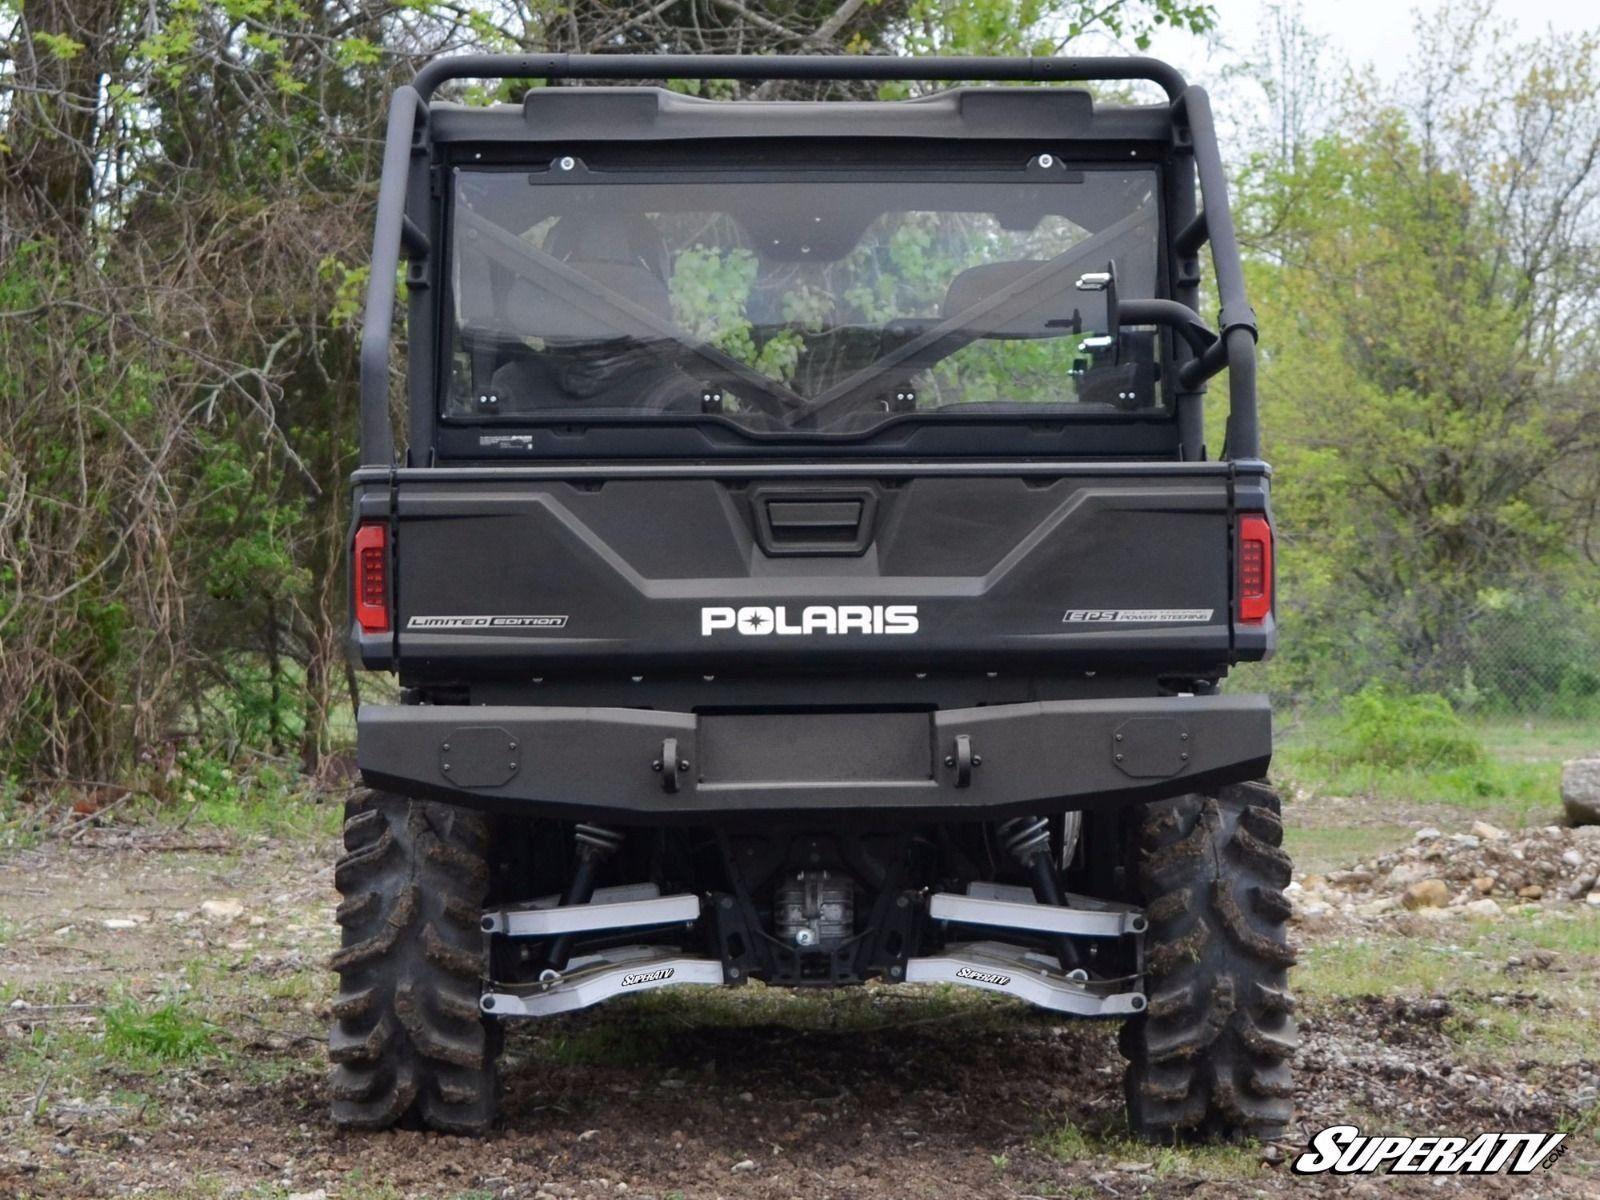 Polaris Ranger 1000 Rear Bumper Polaris Ranger Ranger Polaris Ranger Accessories